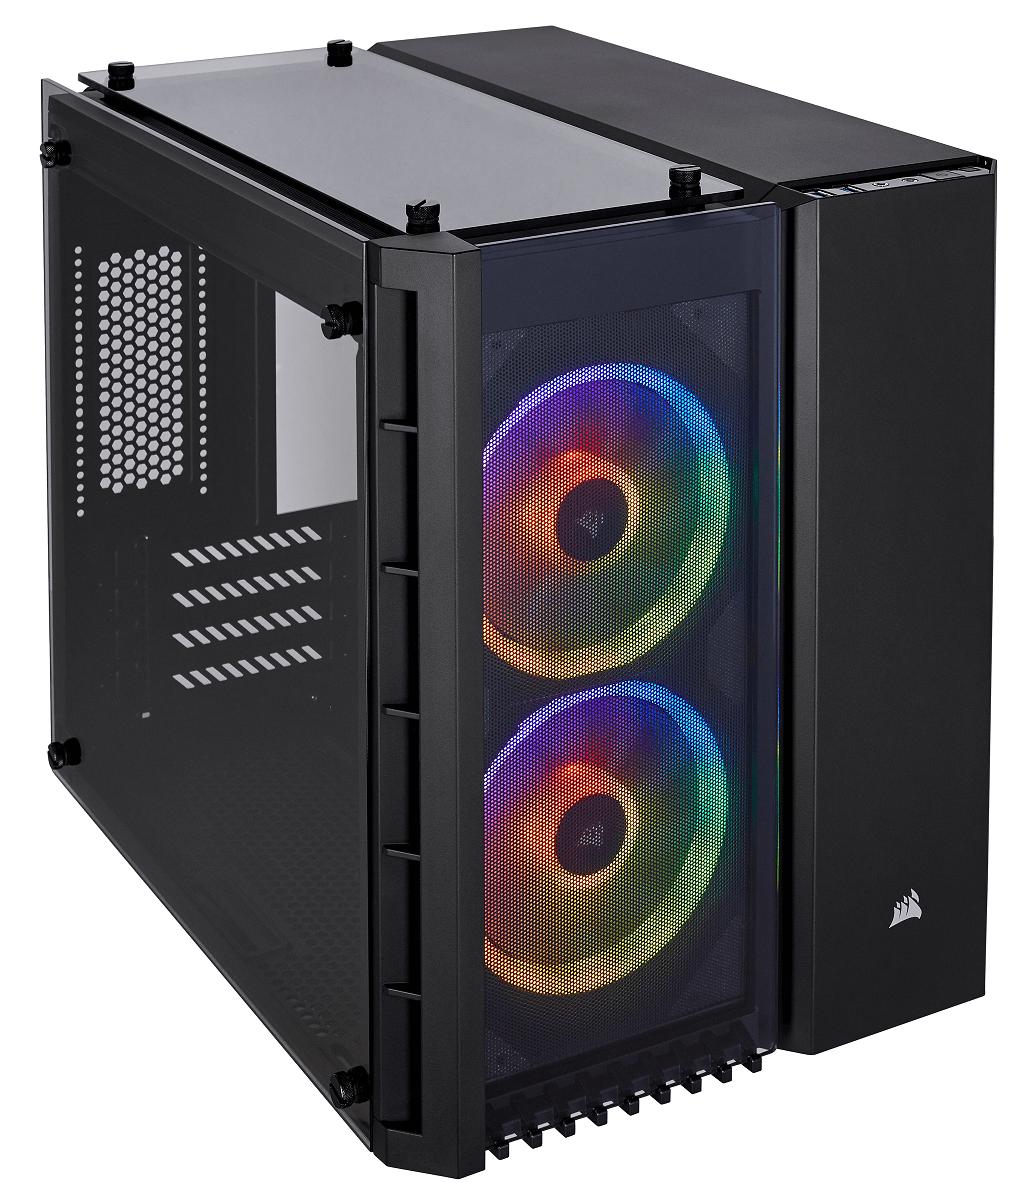 NP: Claramente compacto CORSAIR lanza el nuevo chasis Crystal Series 280X RGB MATX en Computex 2018